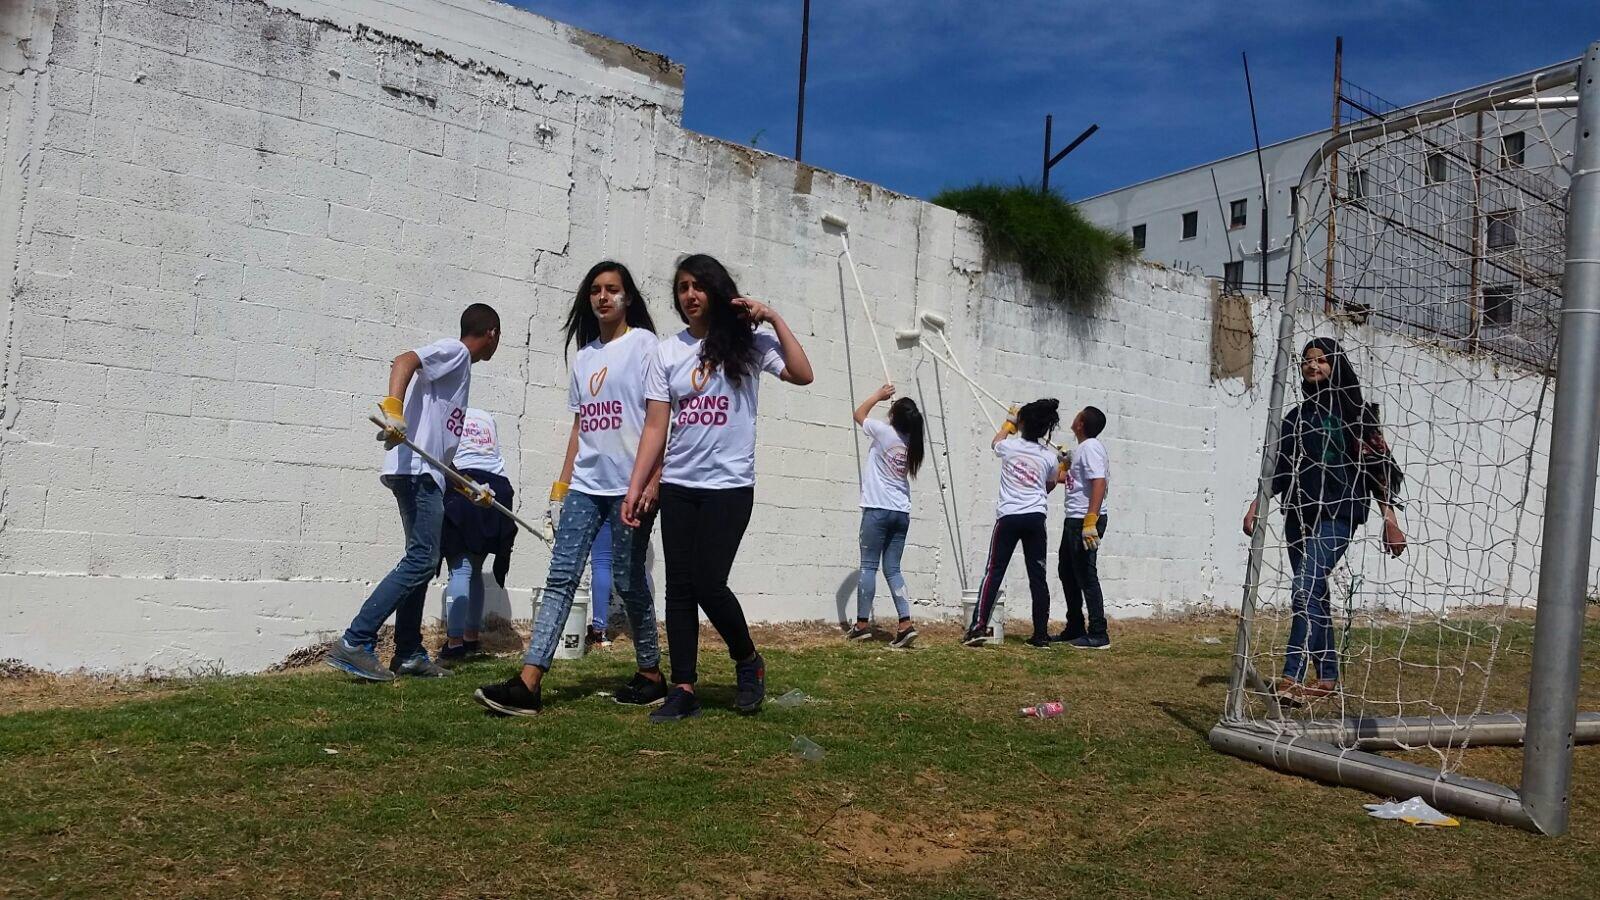 يوم اعمال خيرية مفعم بالحيوية في ام الفحم